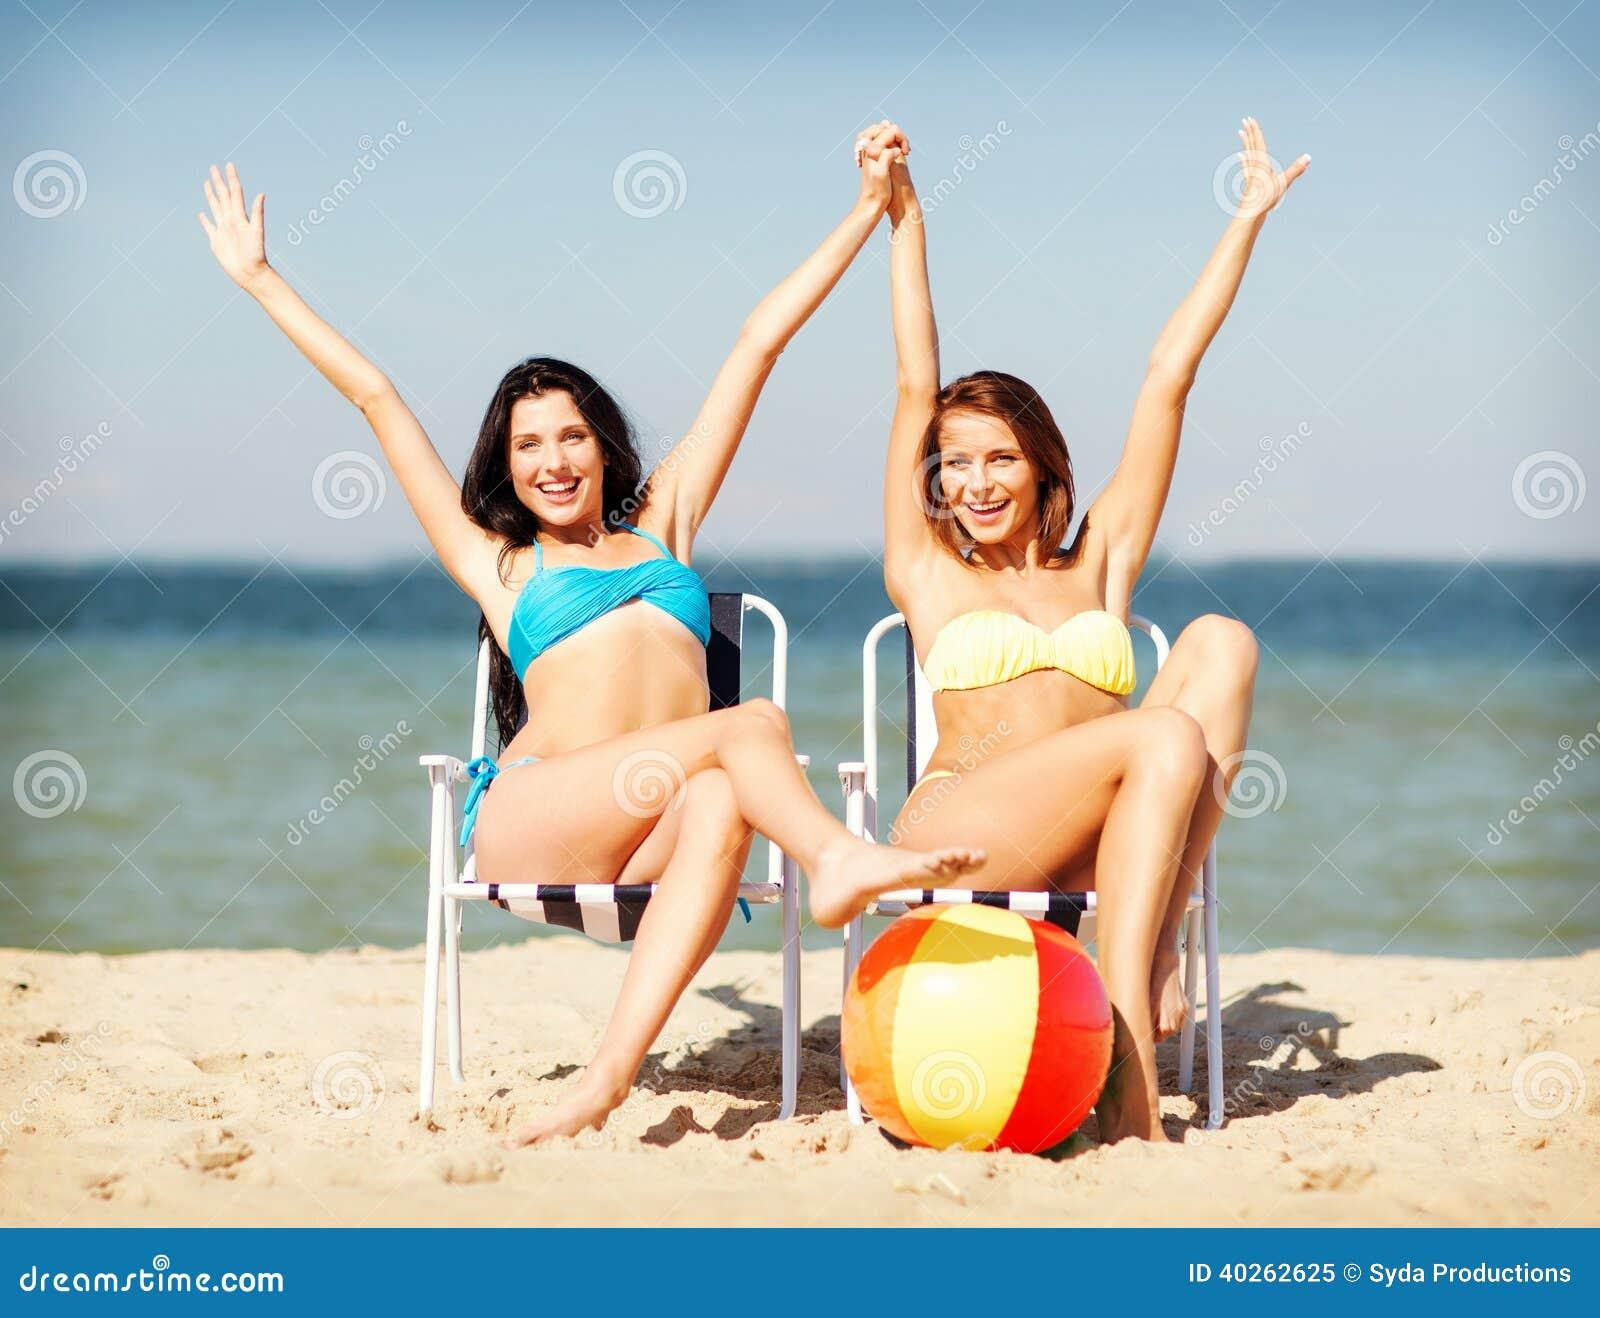 Фото девушка принимает солнечные ванну 9 фотография